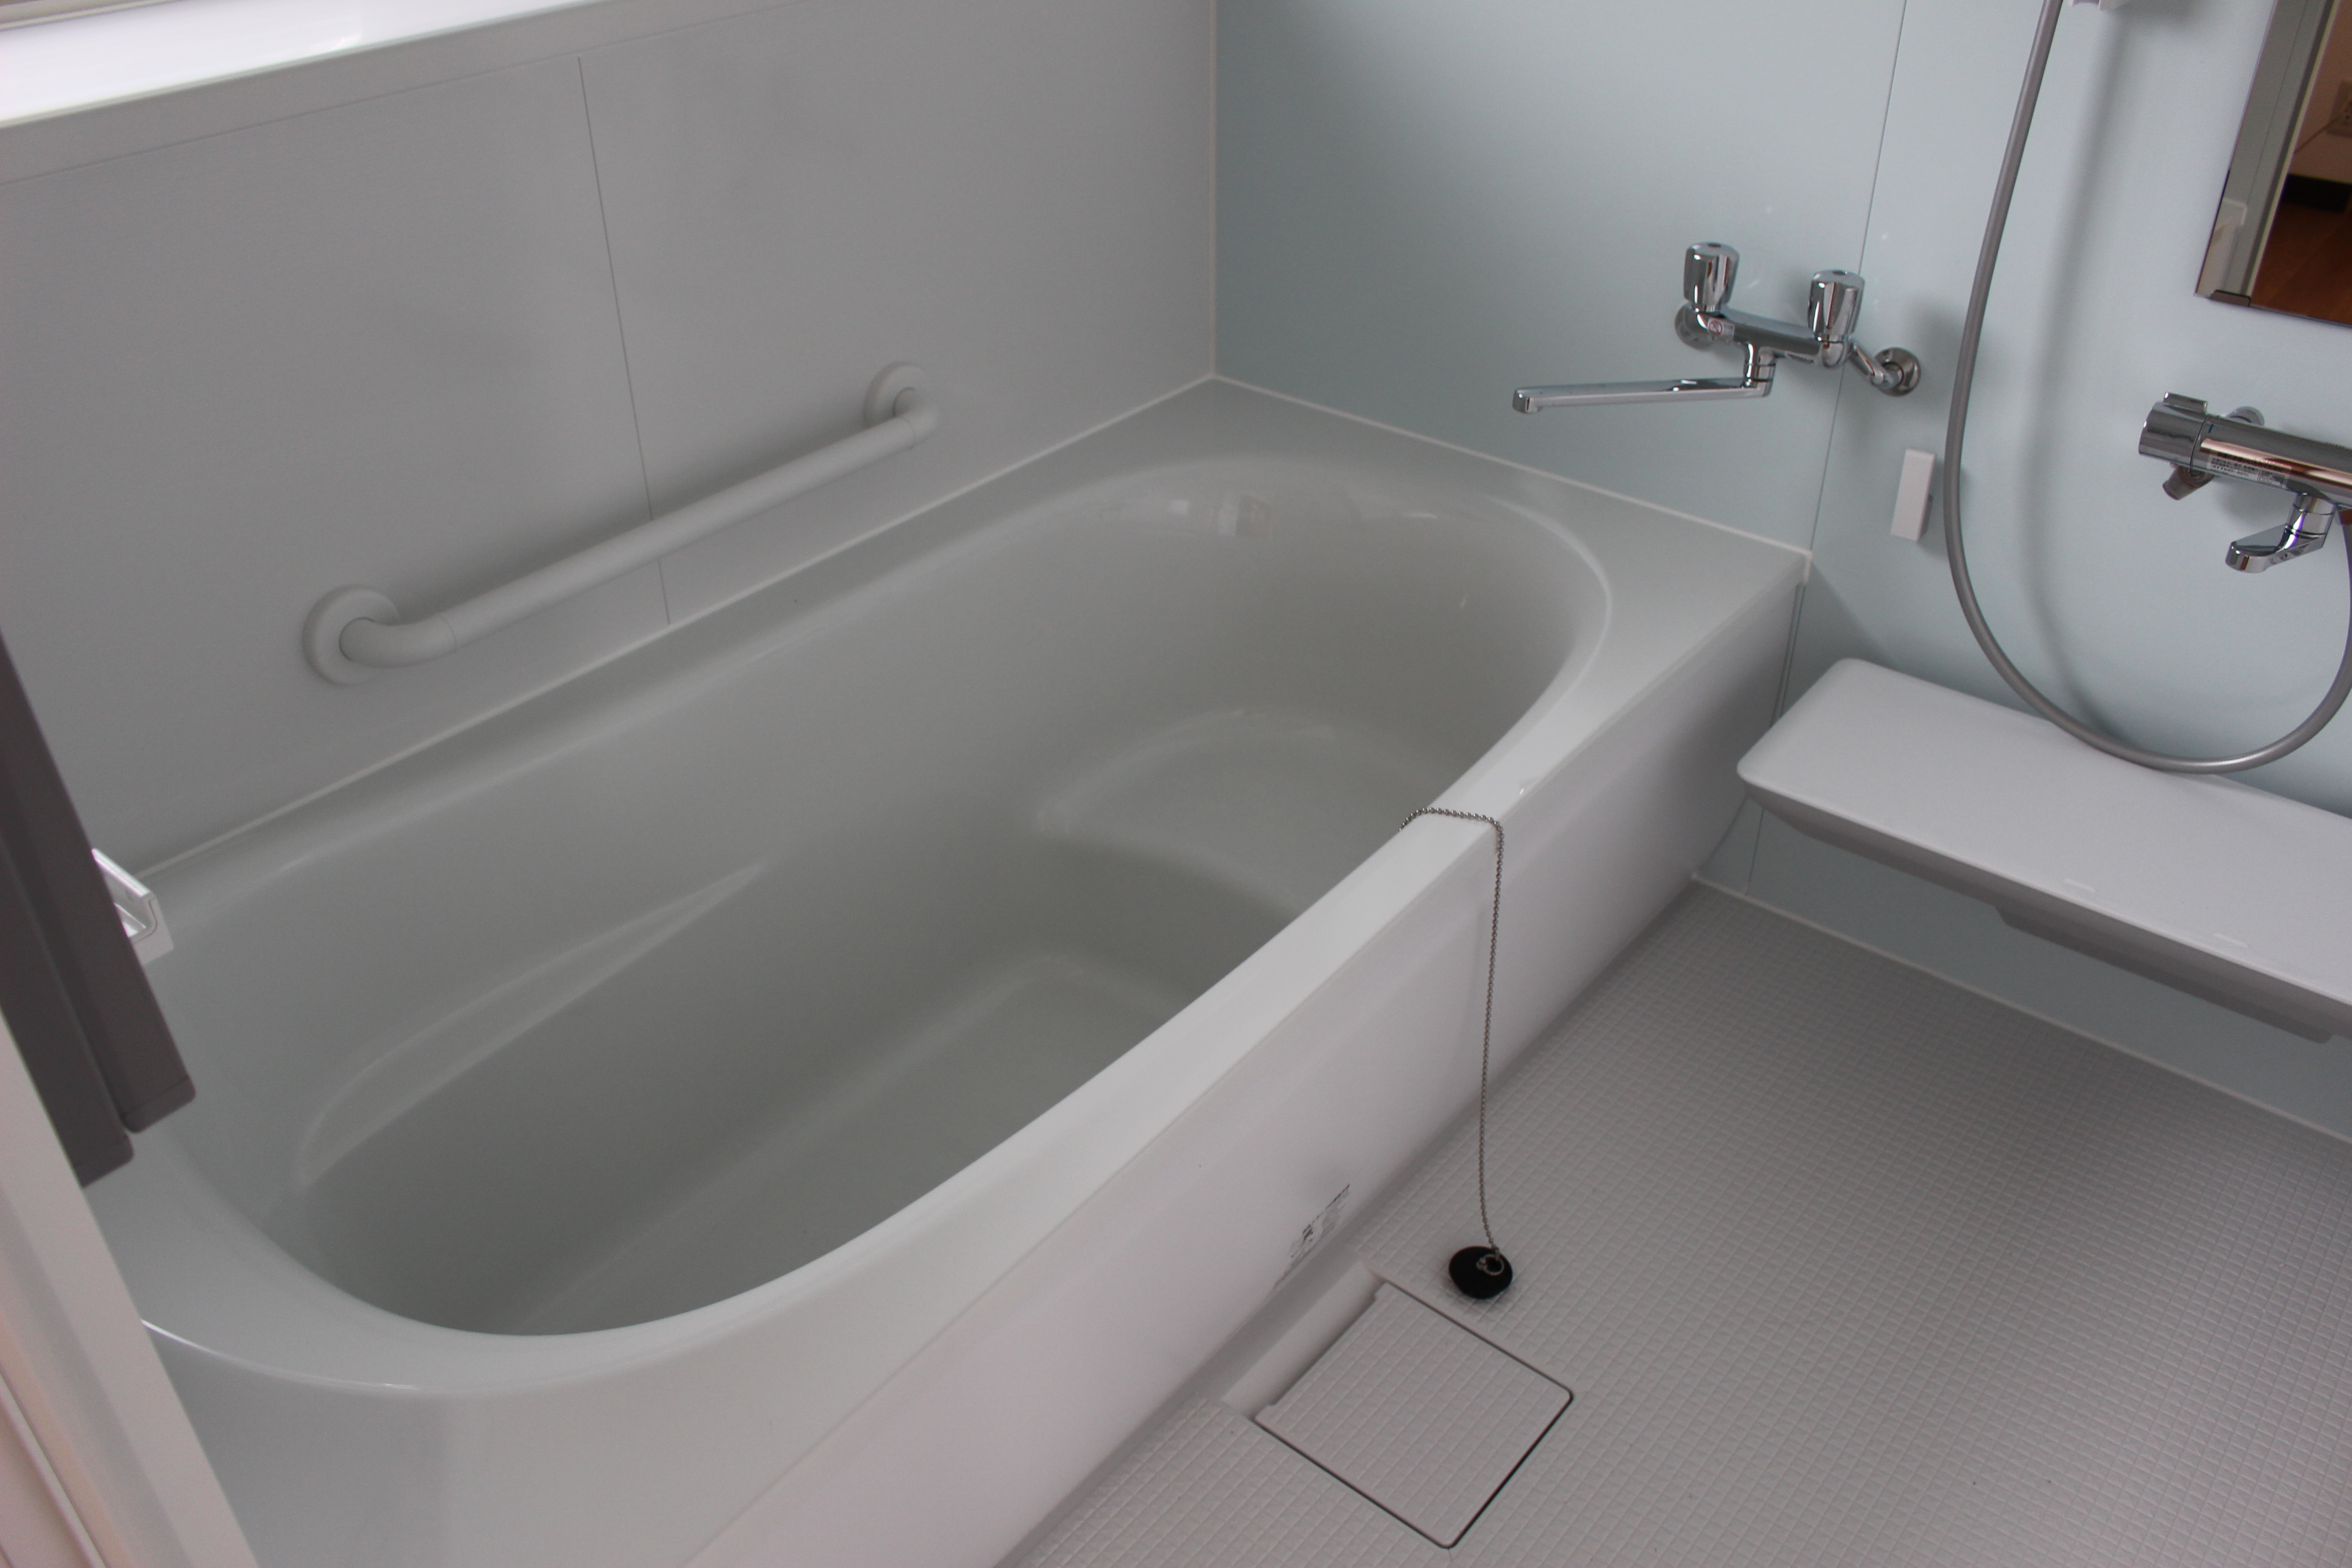 バス・トイレ・洗面は新しいものに交換されたばかりでピカピカです!